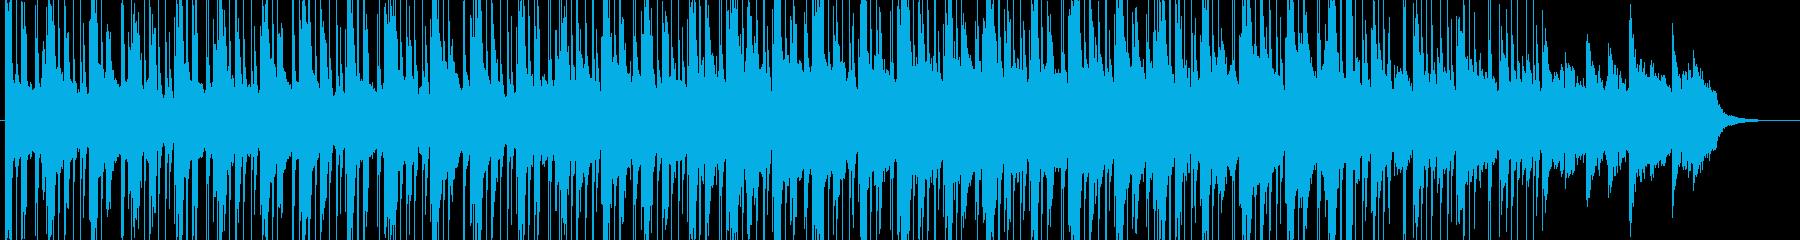 ローファイなHiphopの再生済みの波形